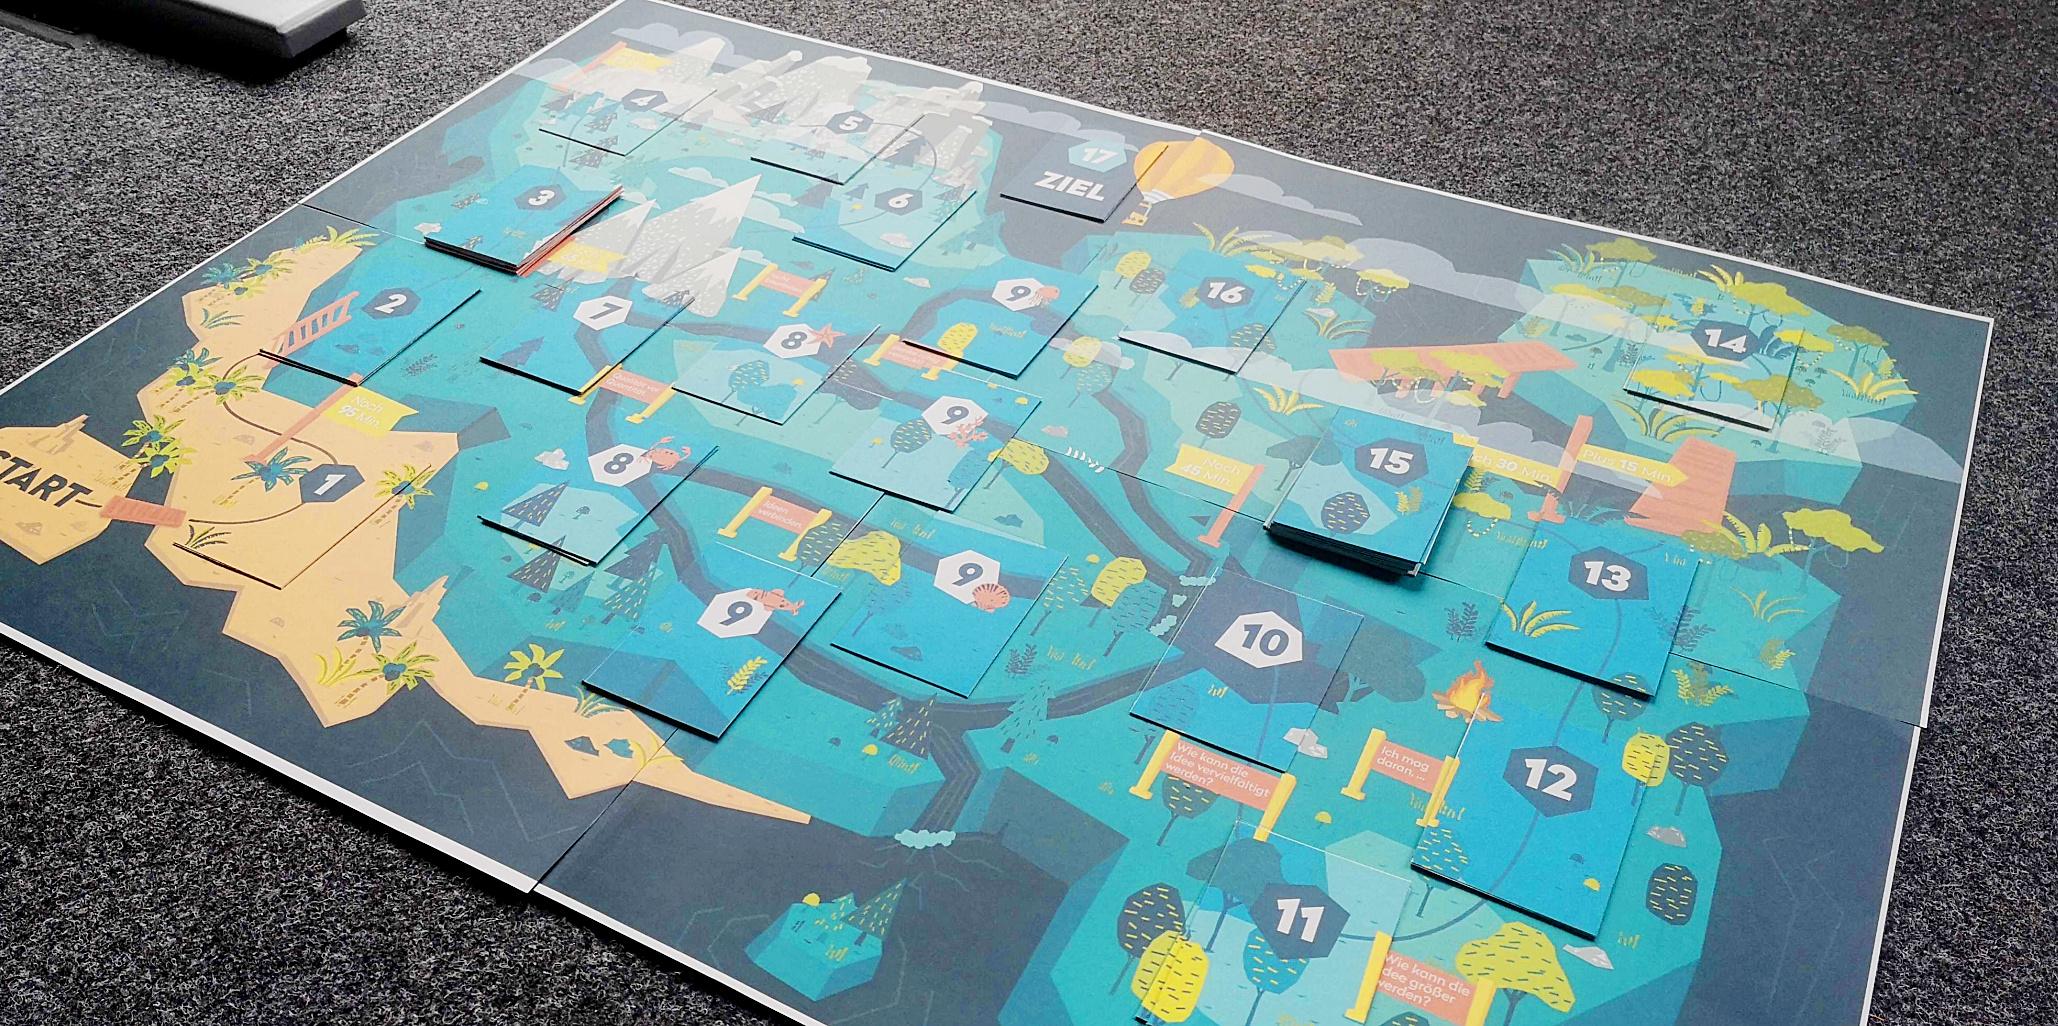 Bild von Spielkarten